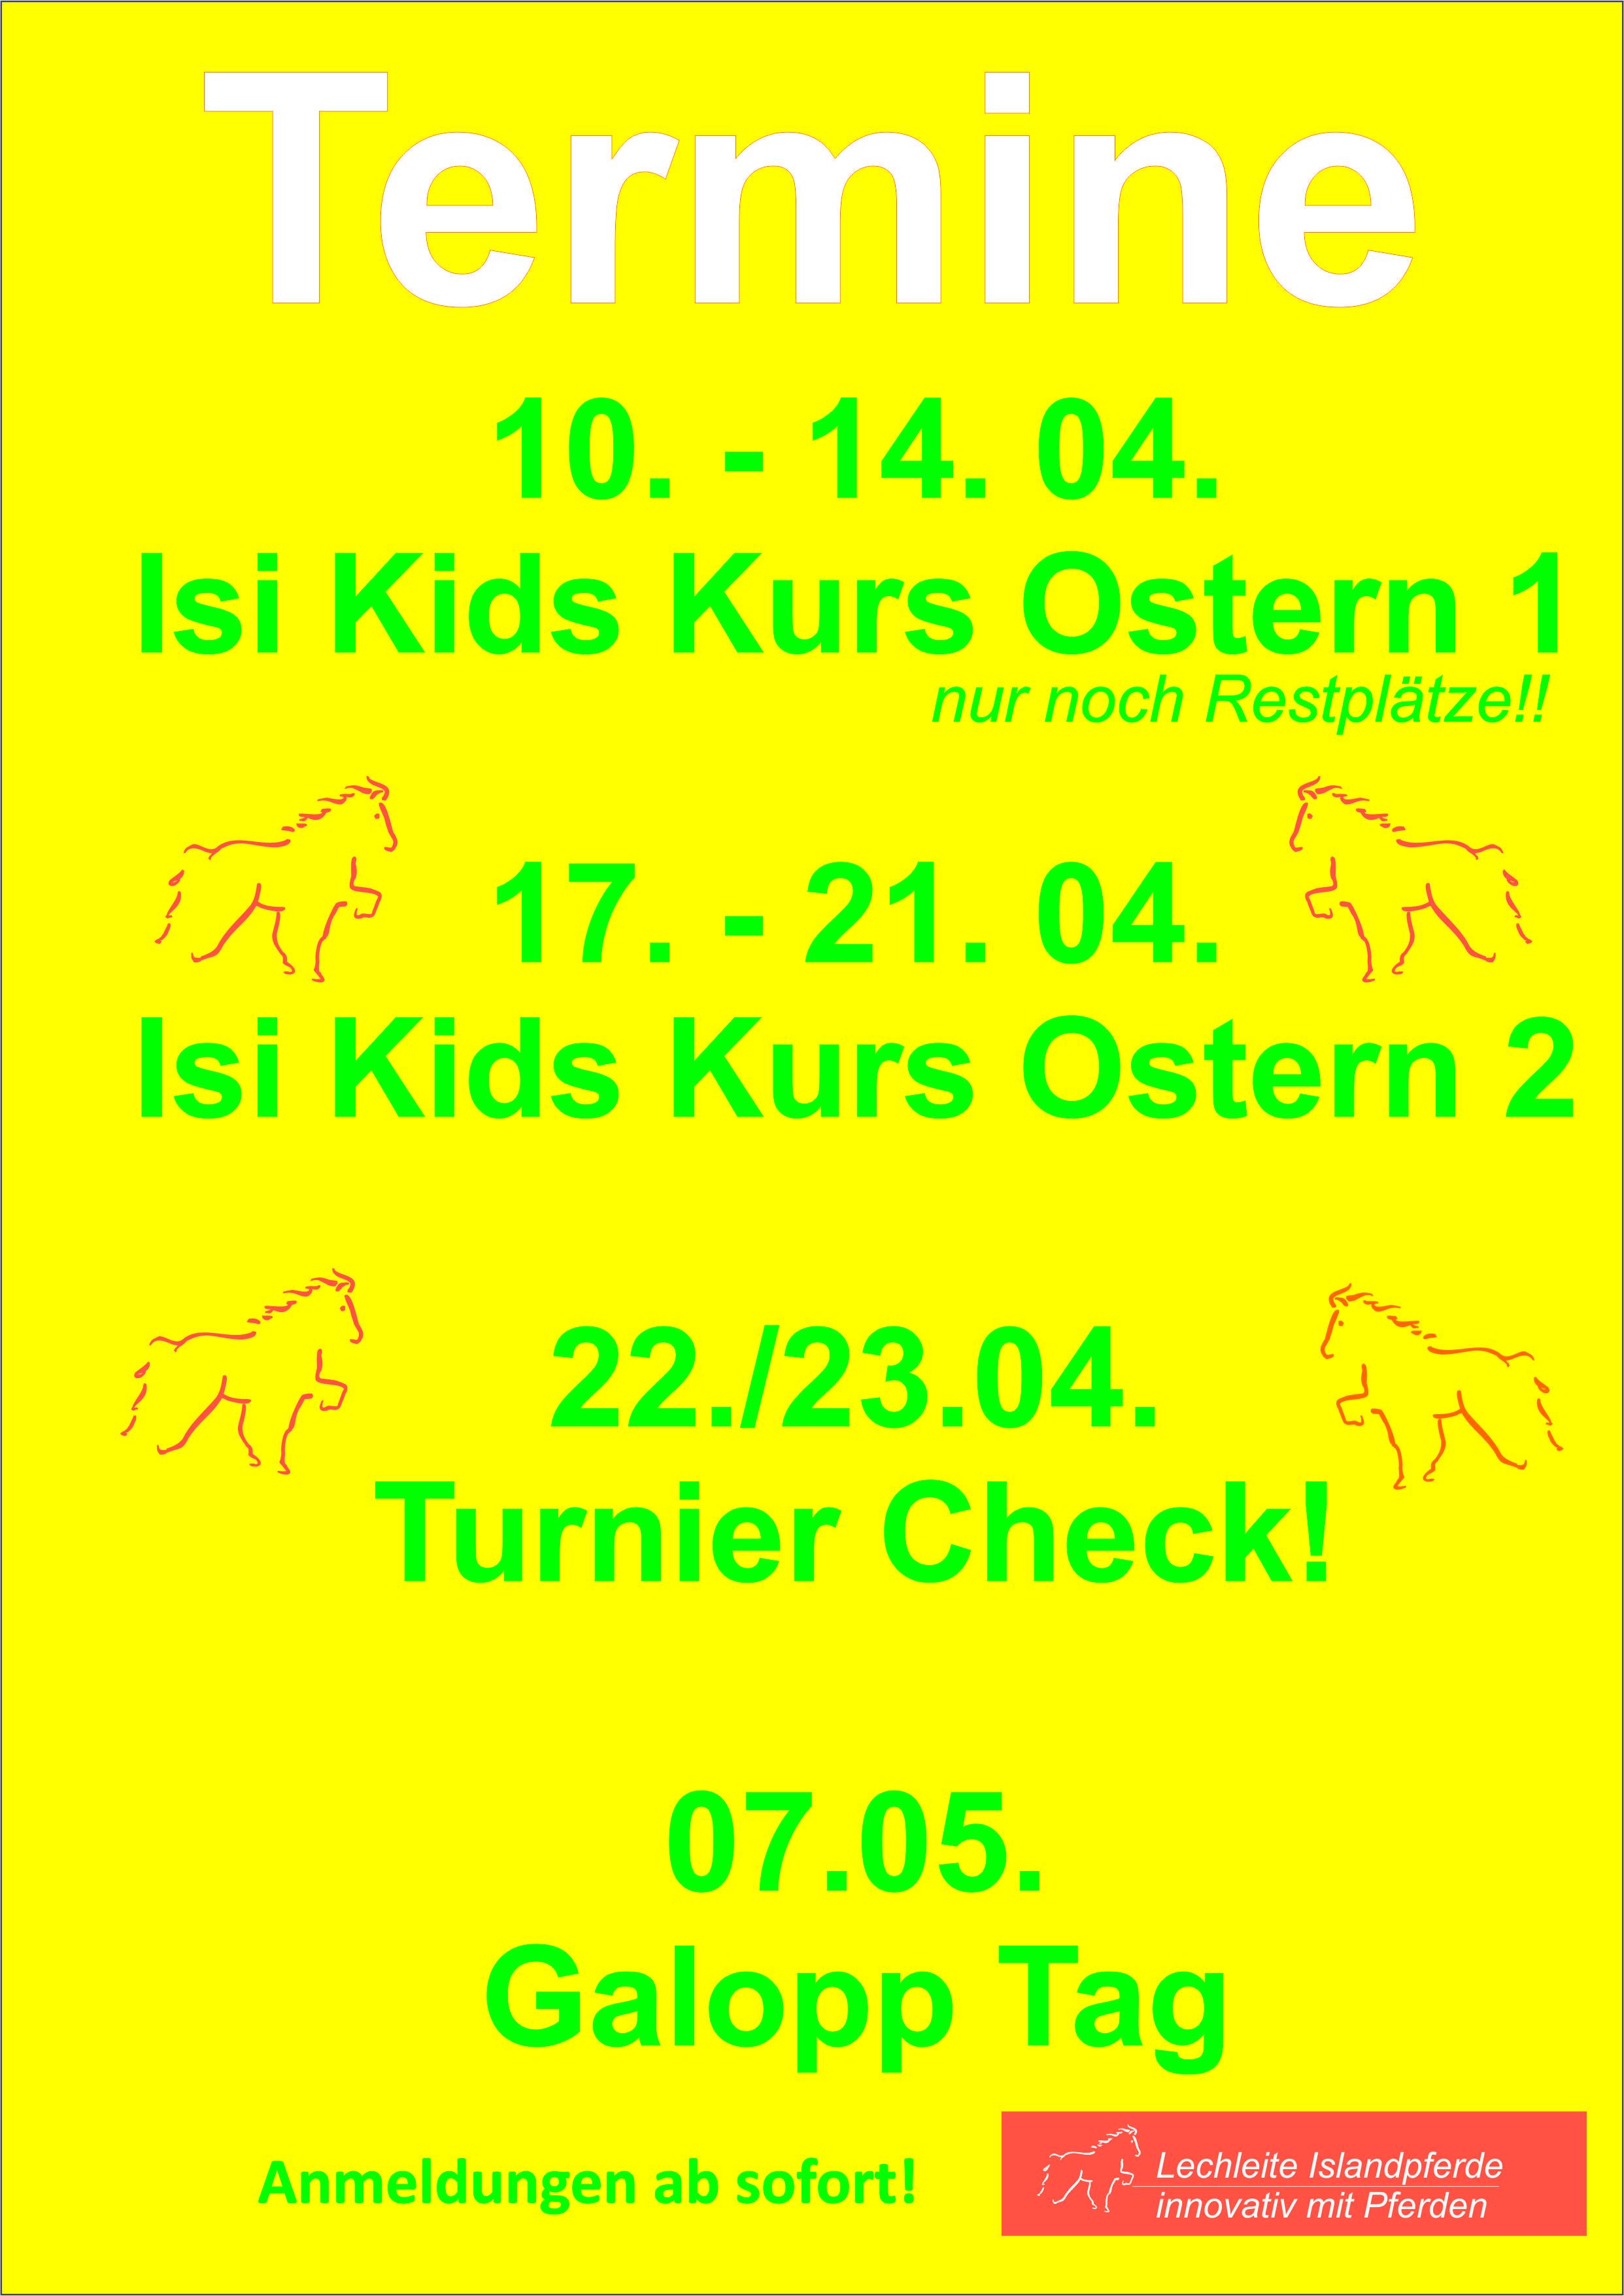 Kinderkurse in den Osterferien und mehr! :-)